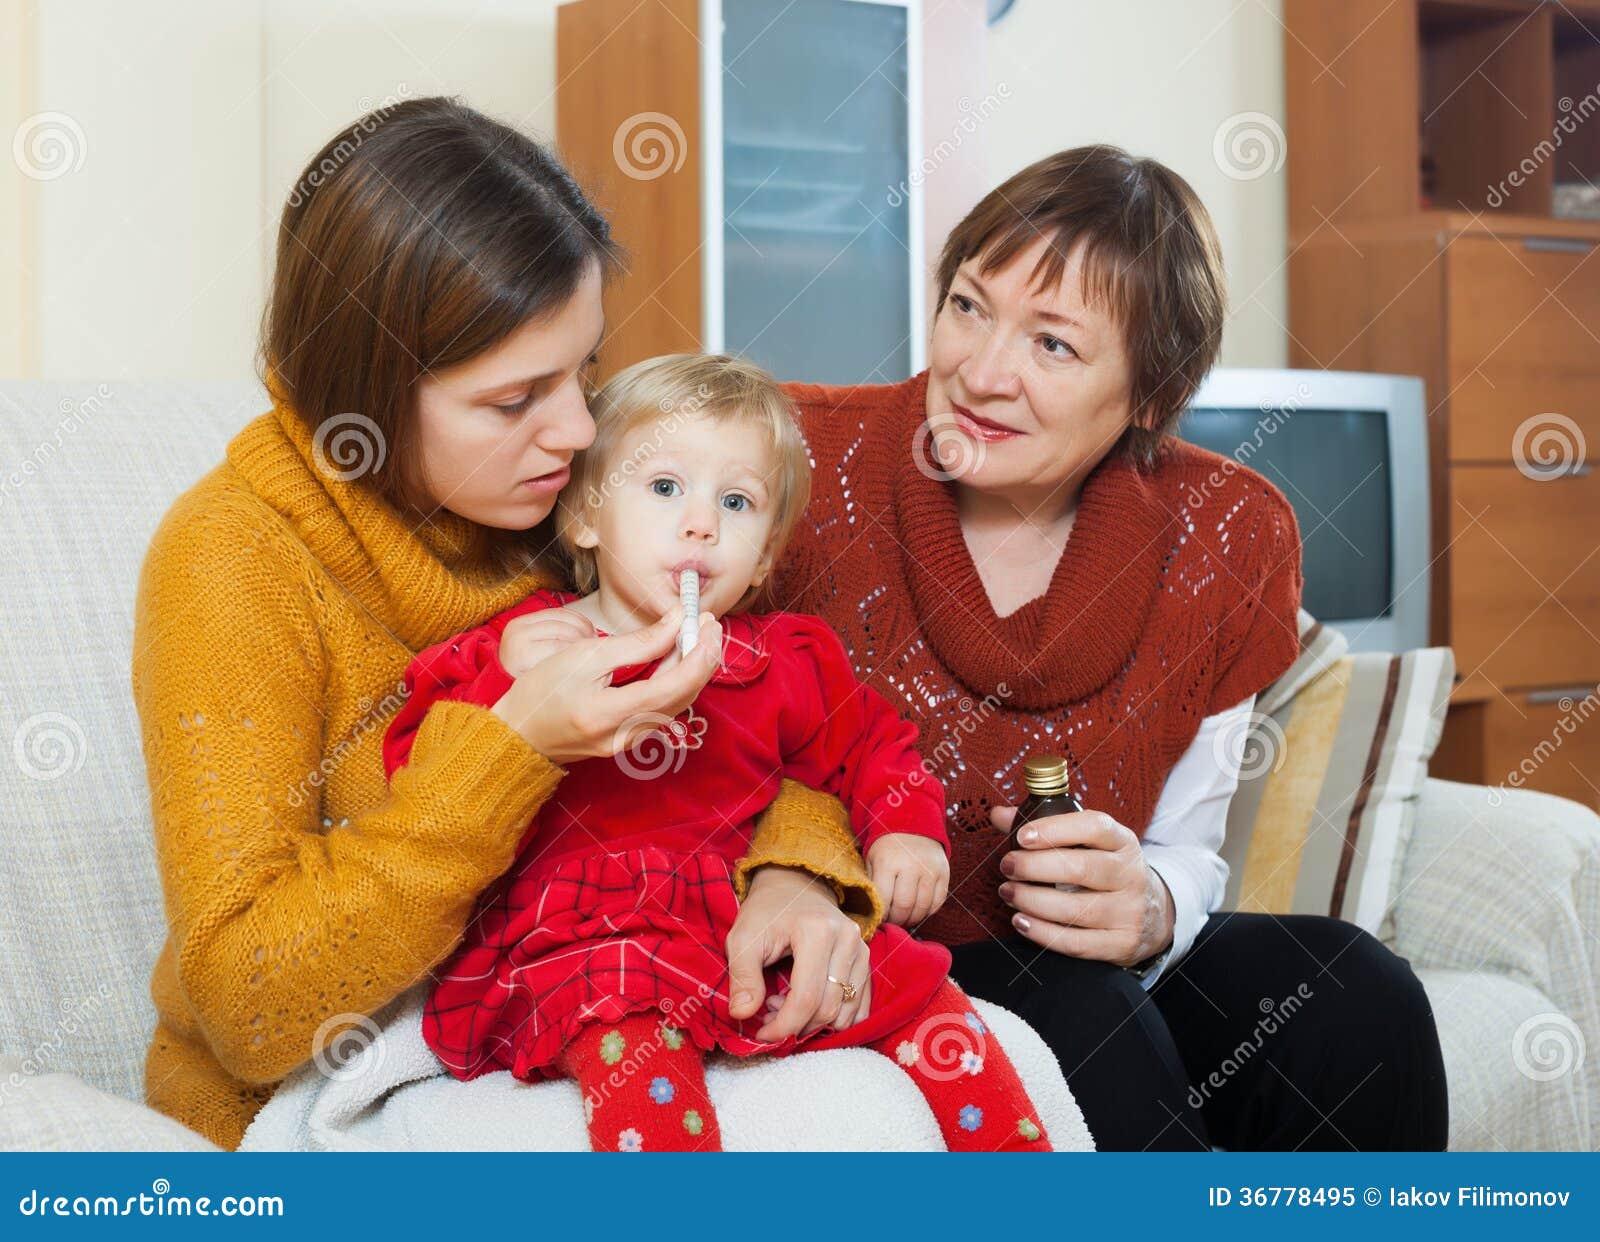 Μητέρα με την ώριμη φροντίδα γιαγιάδων για το άρρωστο μικρό παιδί